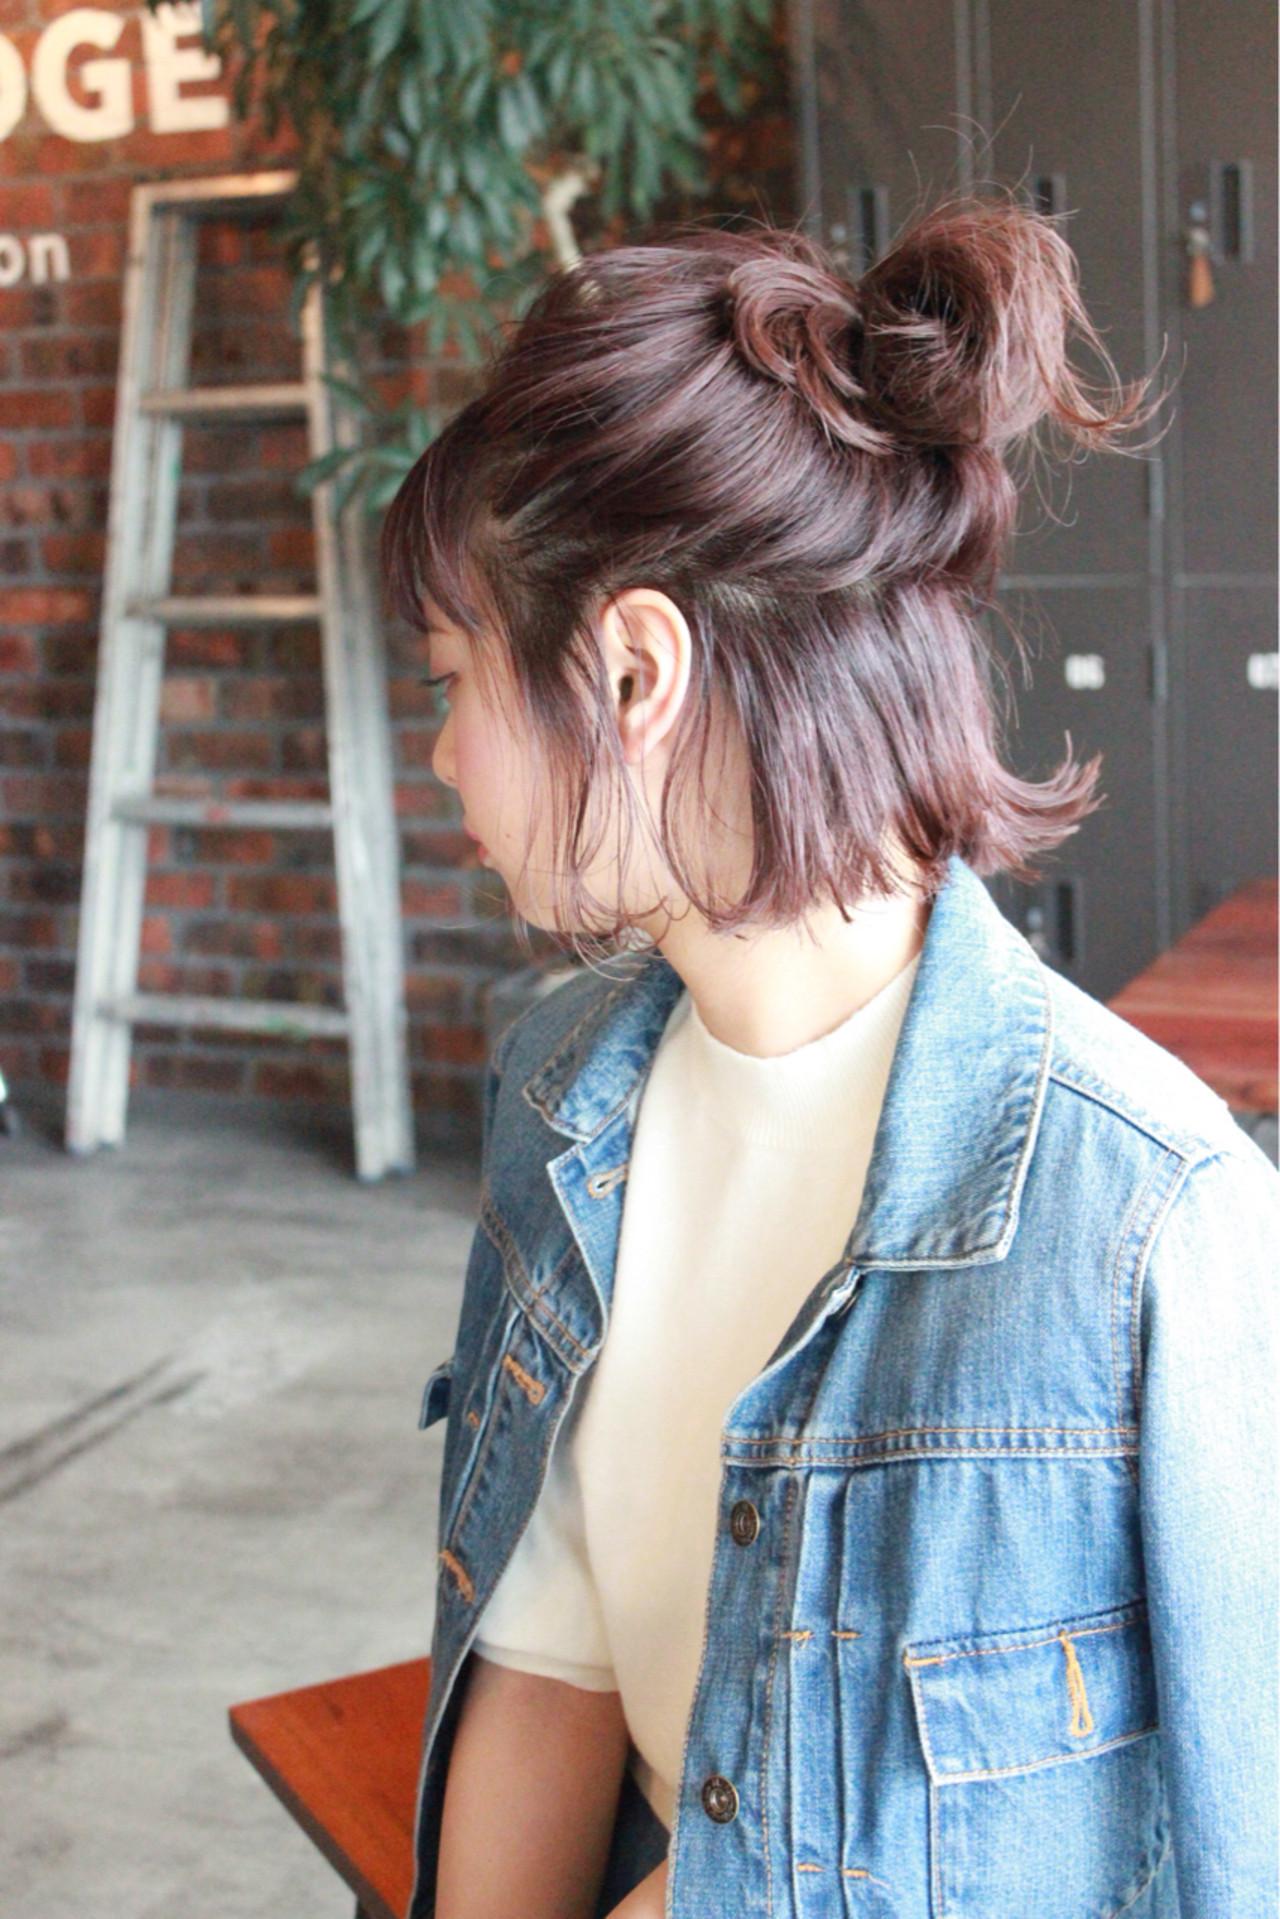 おしゃれなヘアアレンジショート編。もっとショートを楽しもうの14枚目の画像